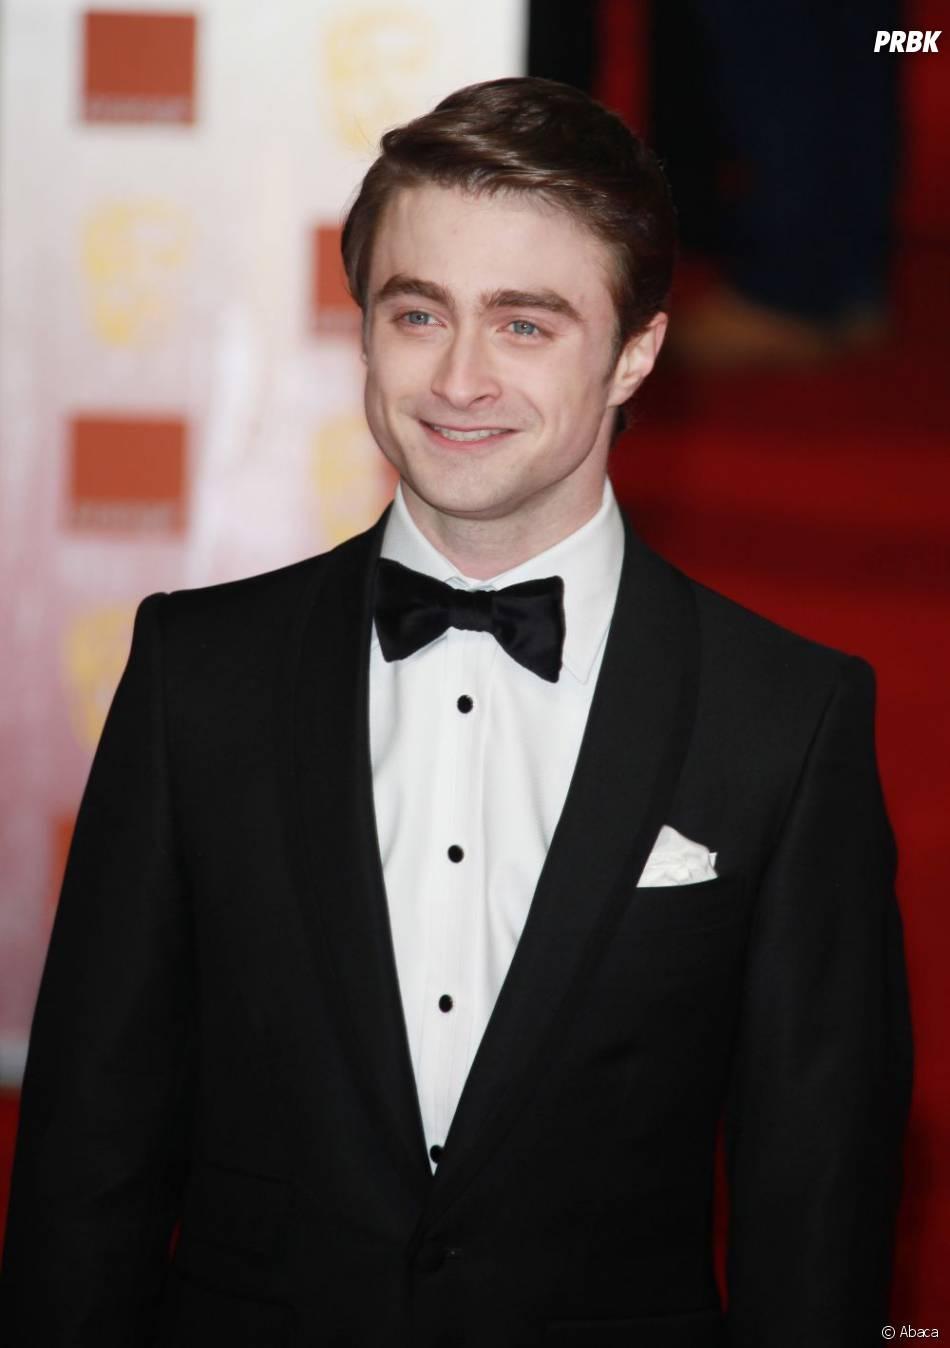 Les fans de Daniel Radcliffe ont pensé à ses 23 ans !